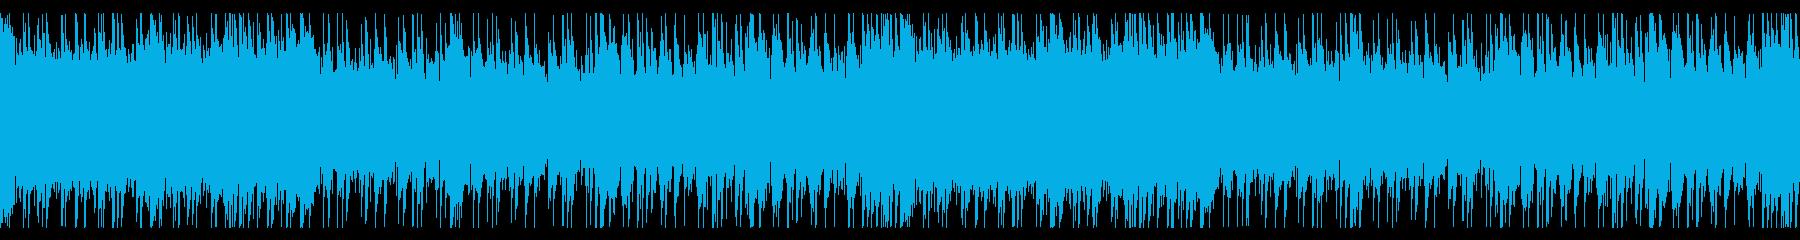 ロックギターのBGMの再生済みの波形